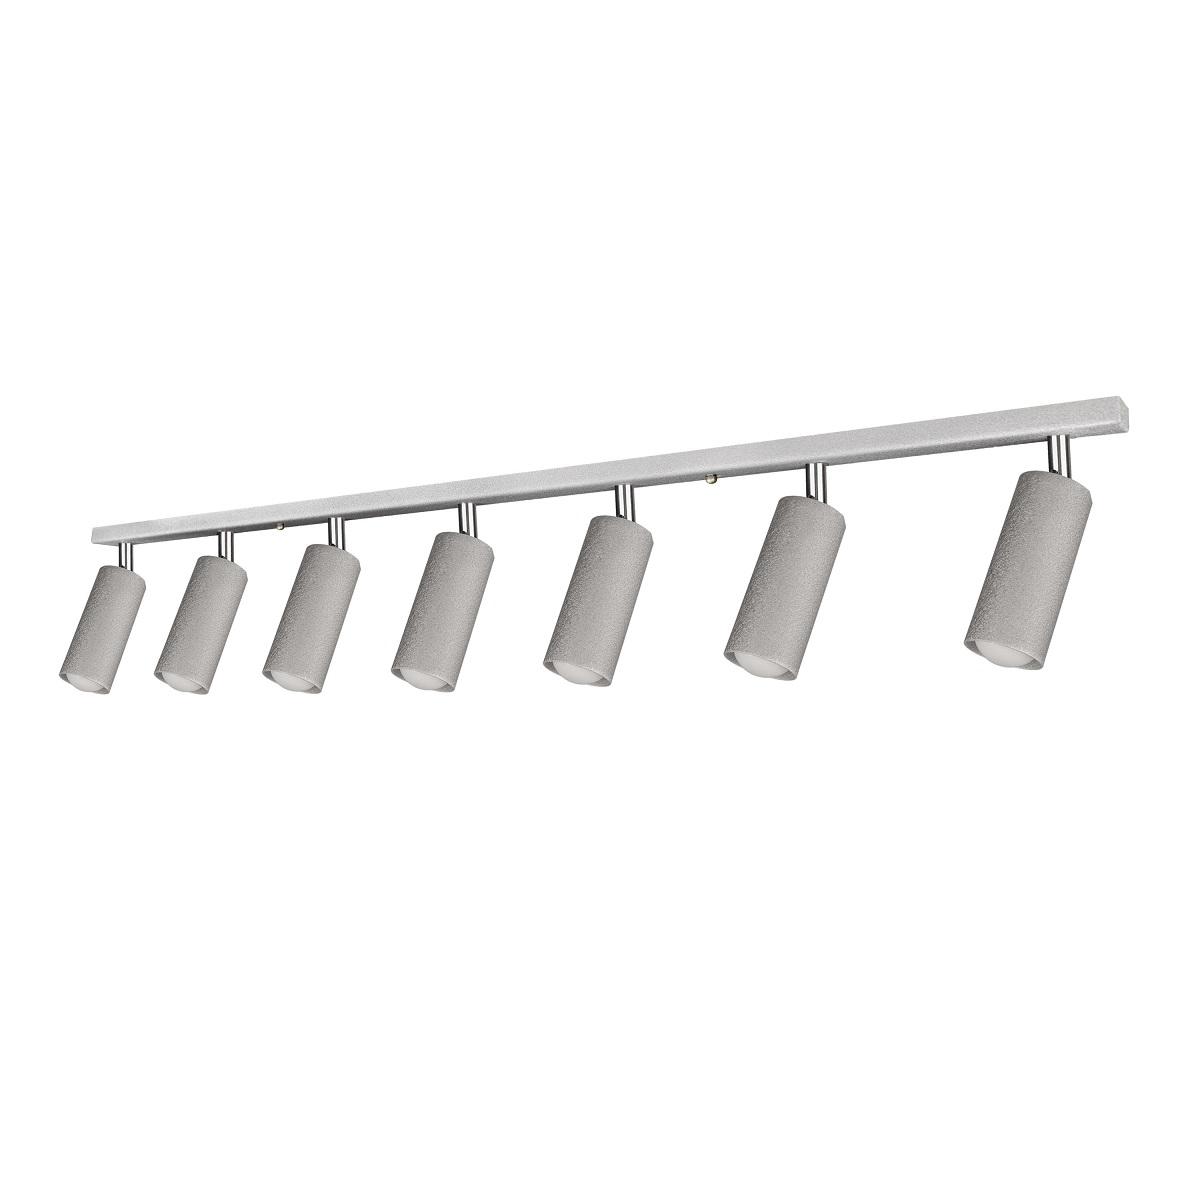 Світильники ЛОФТ - Люстра лофт потолочная с поворотным плафоном 000002759 - Фото 2